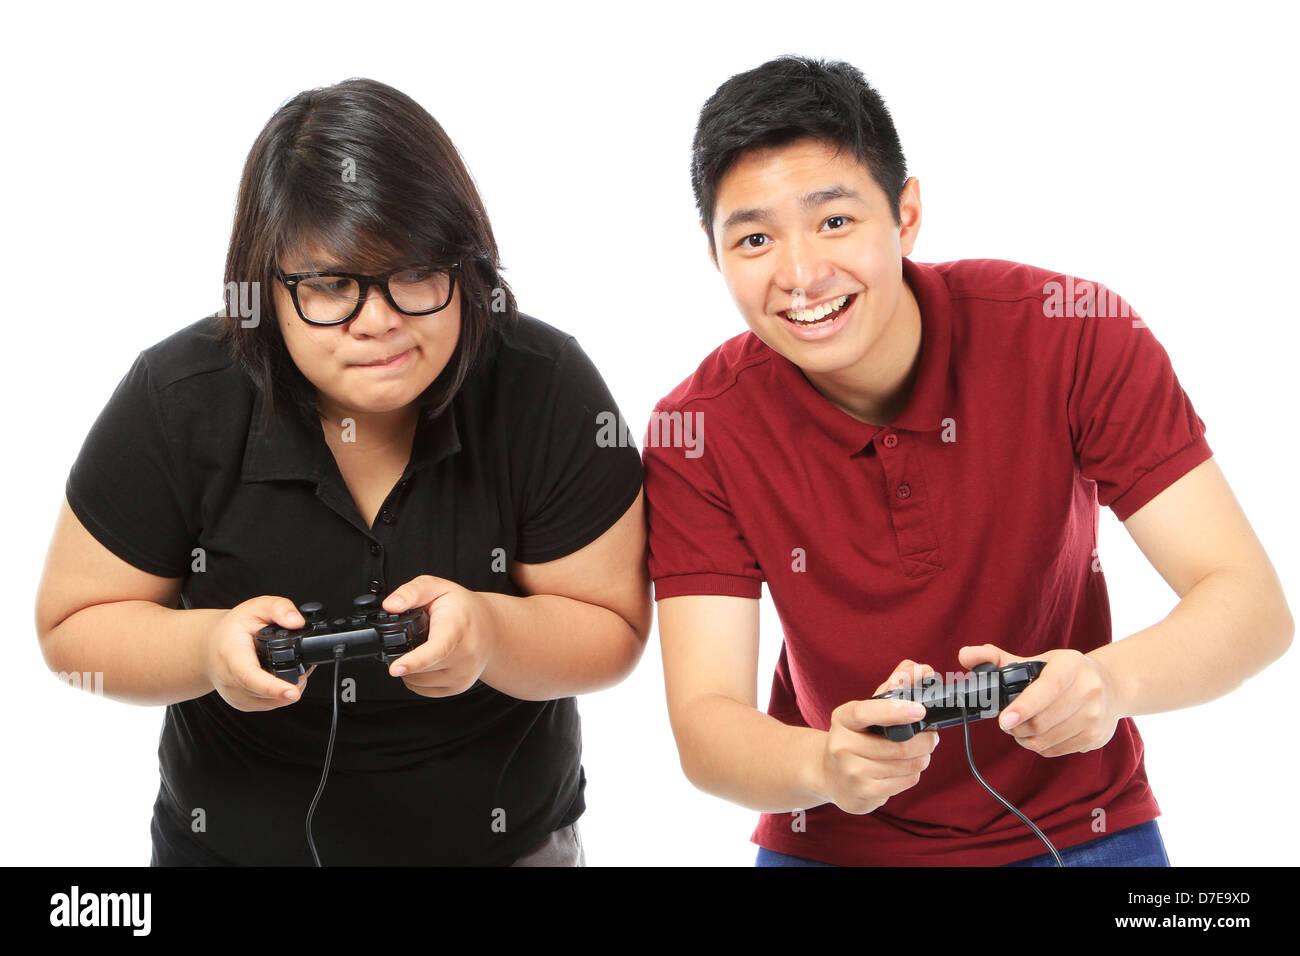 Les adolescents de jouer à un jeu vidéo de façon compétitive Photo Stock